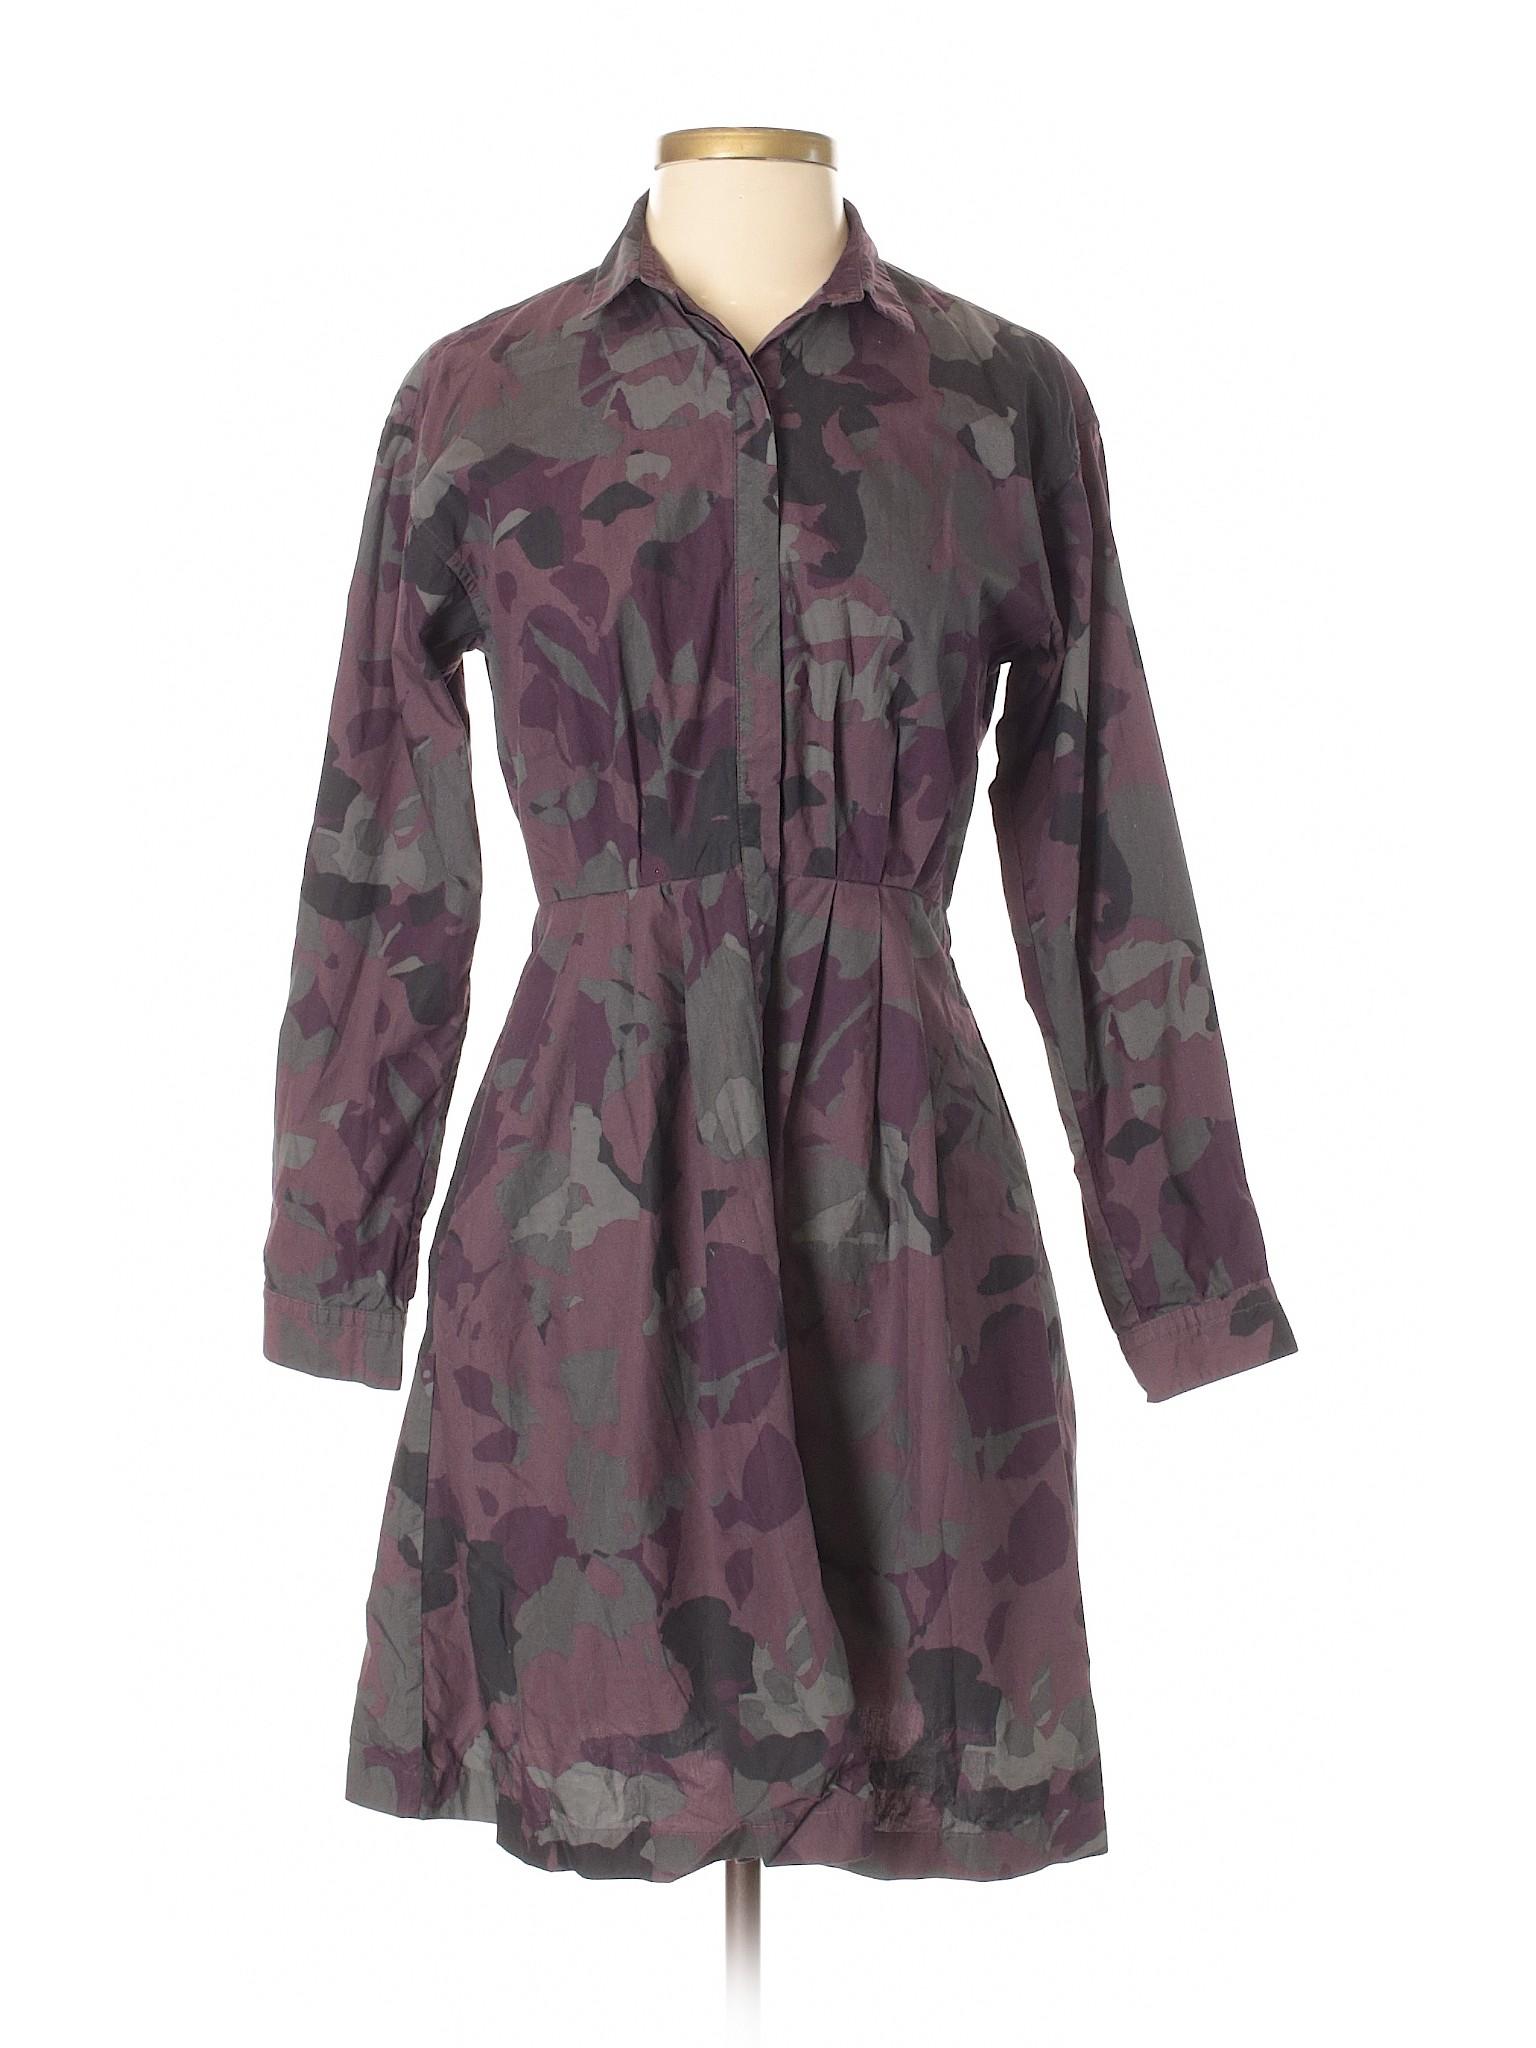 Boutique Boutique Gap Boutique Casual winter Dress winter Dress winter Gap Casual 55rqx4